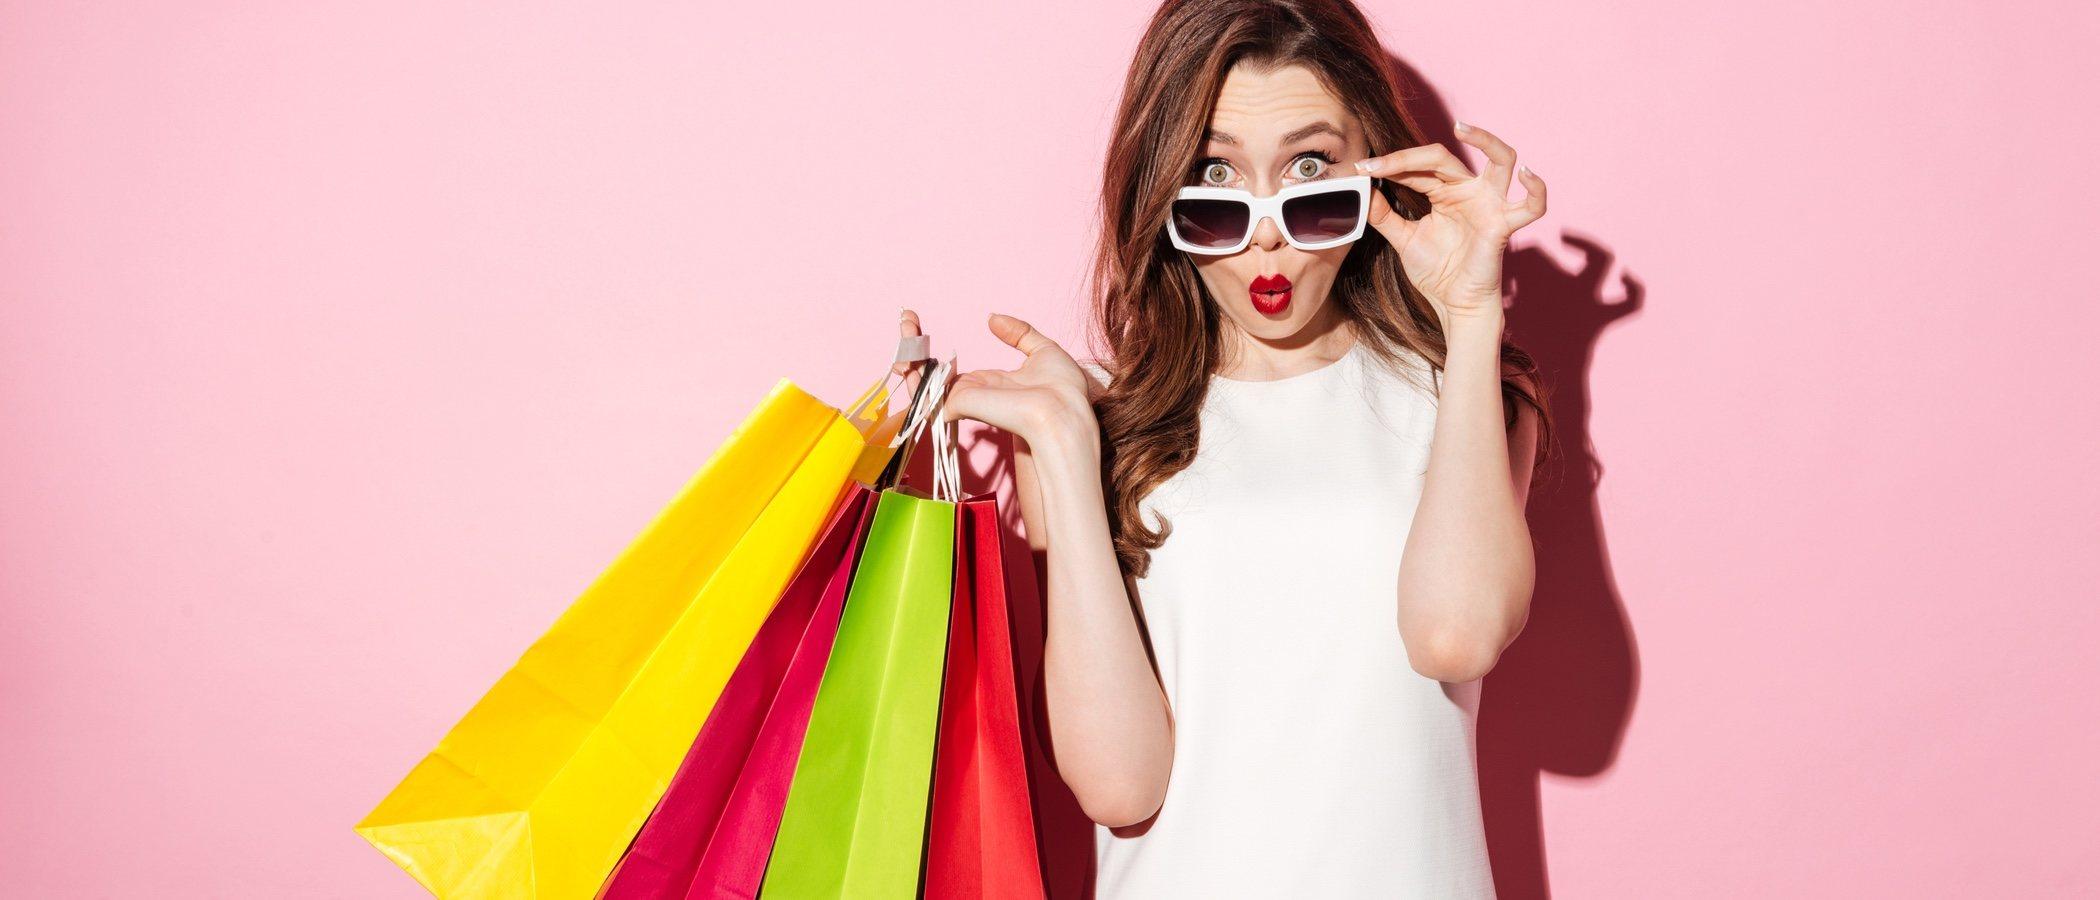 Cómo vestirse para ir de compras - Bekia Moda